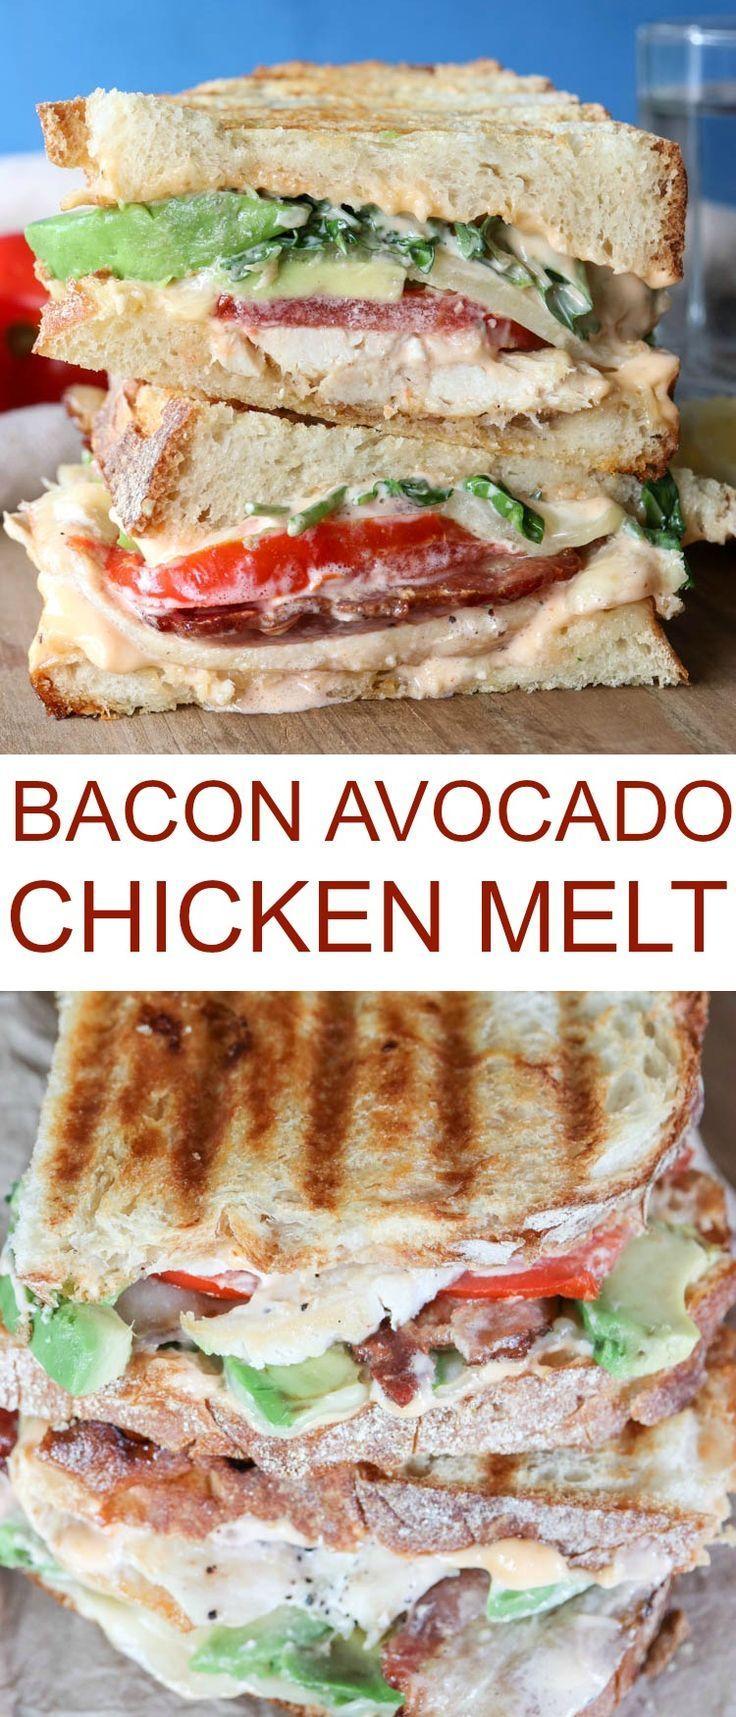 Bacon avocado chicken melt